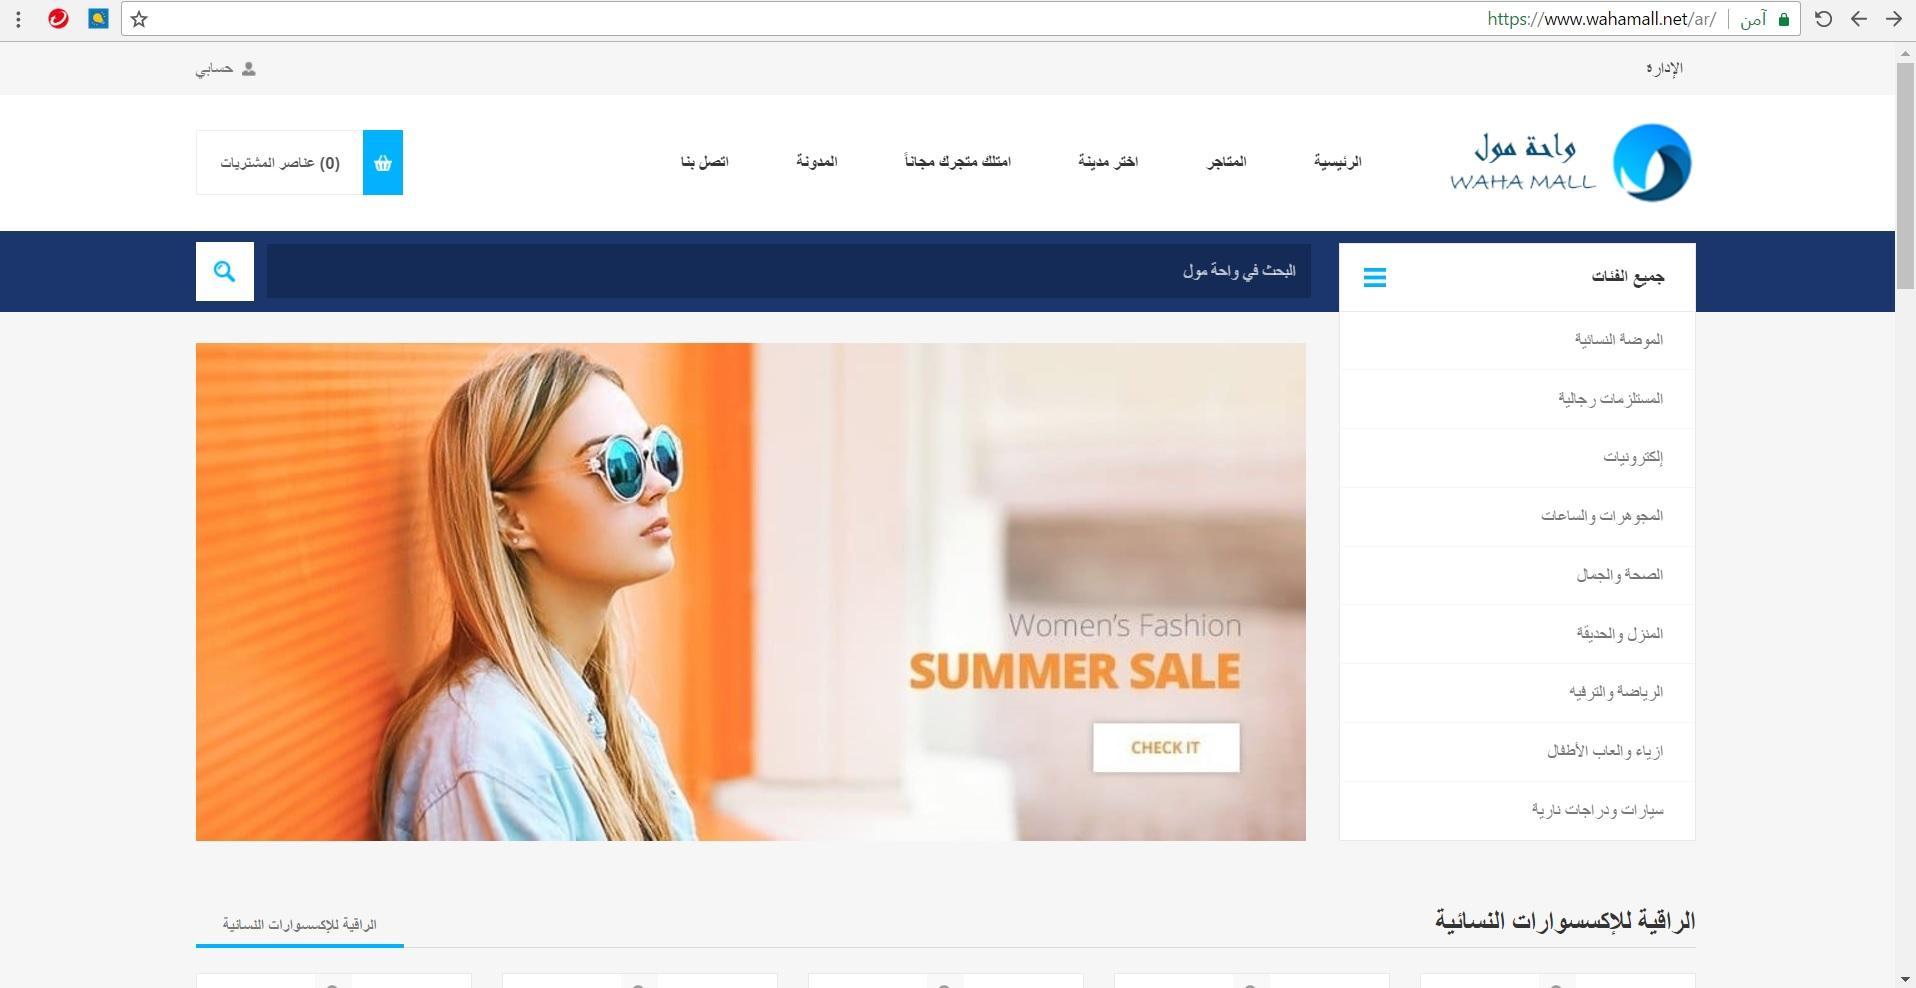 واحة الرواد للتسويق الإلكتروني تطلق منصة 'واحة مول' للتسوق الإلكتروني 466554622